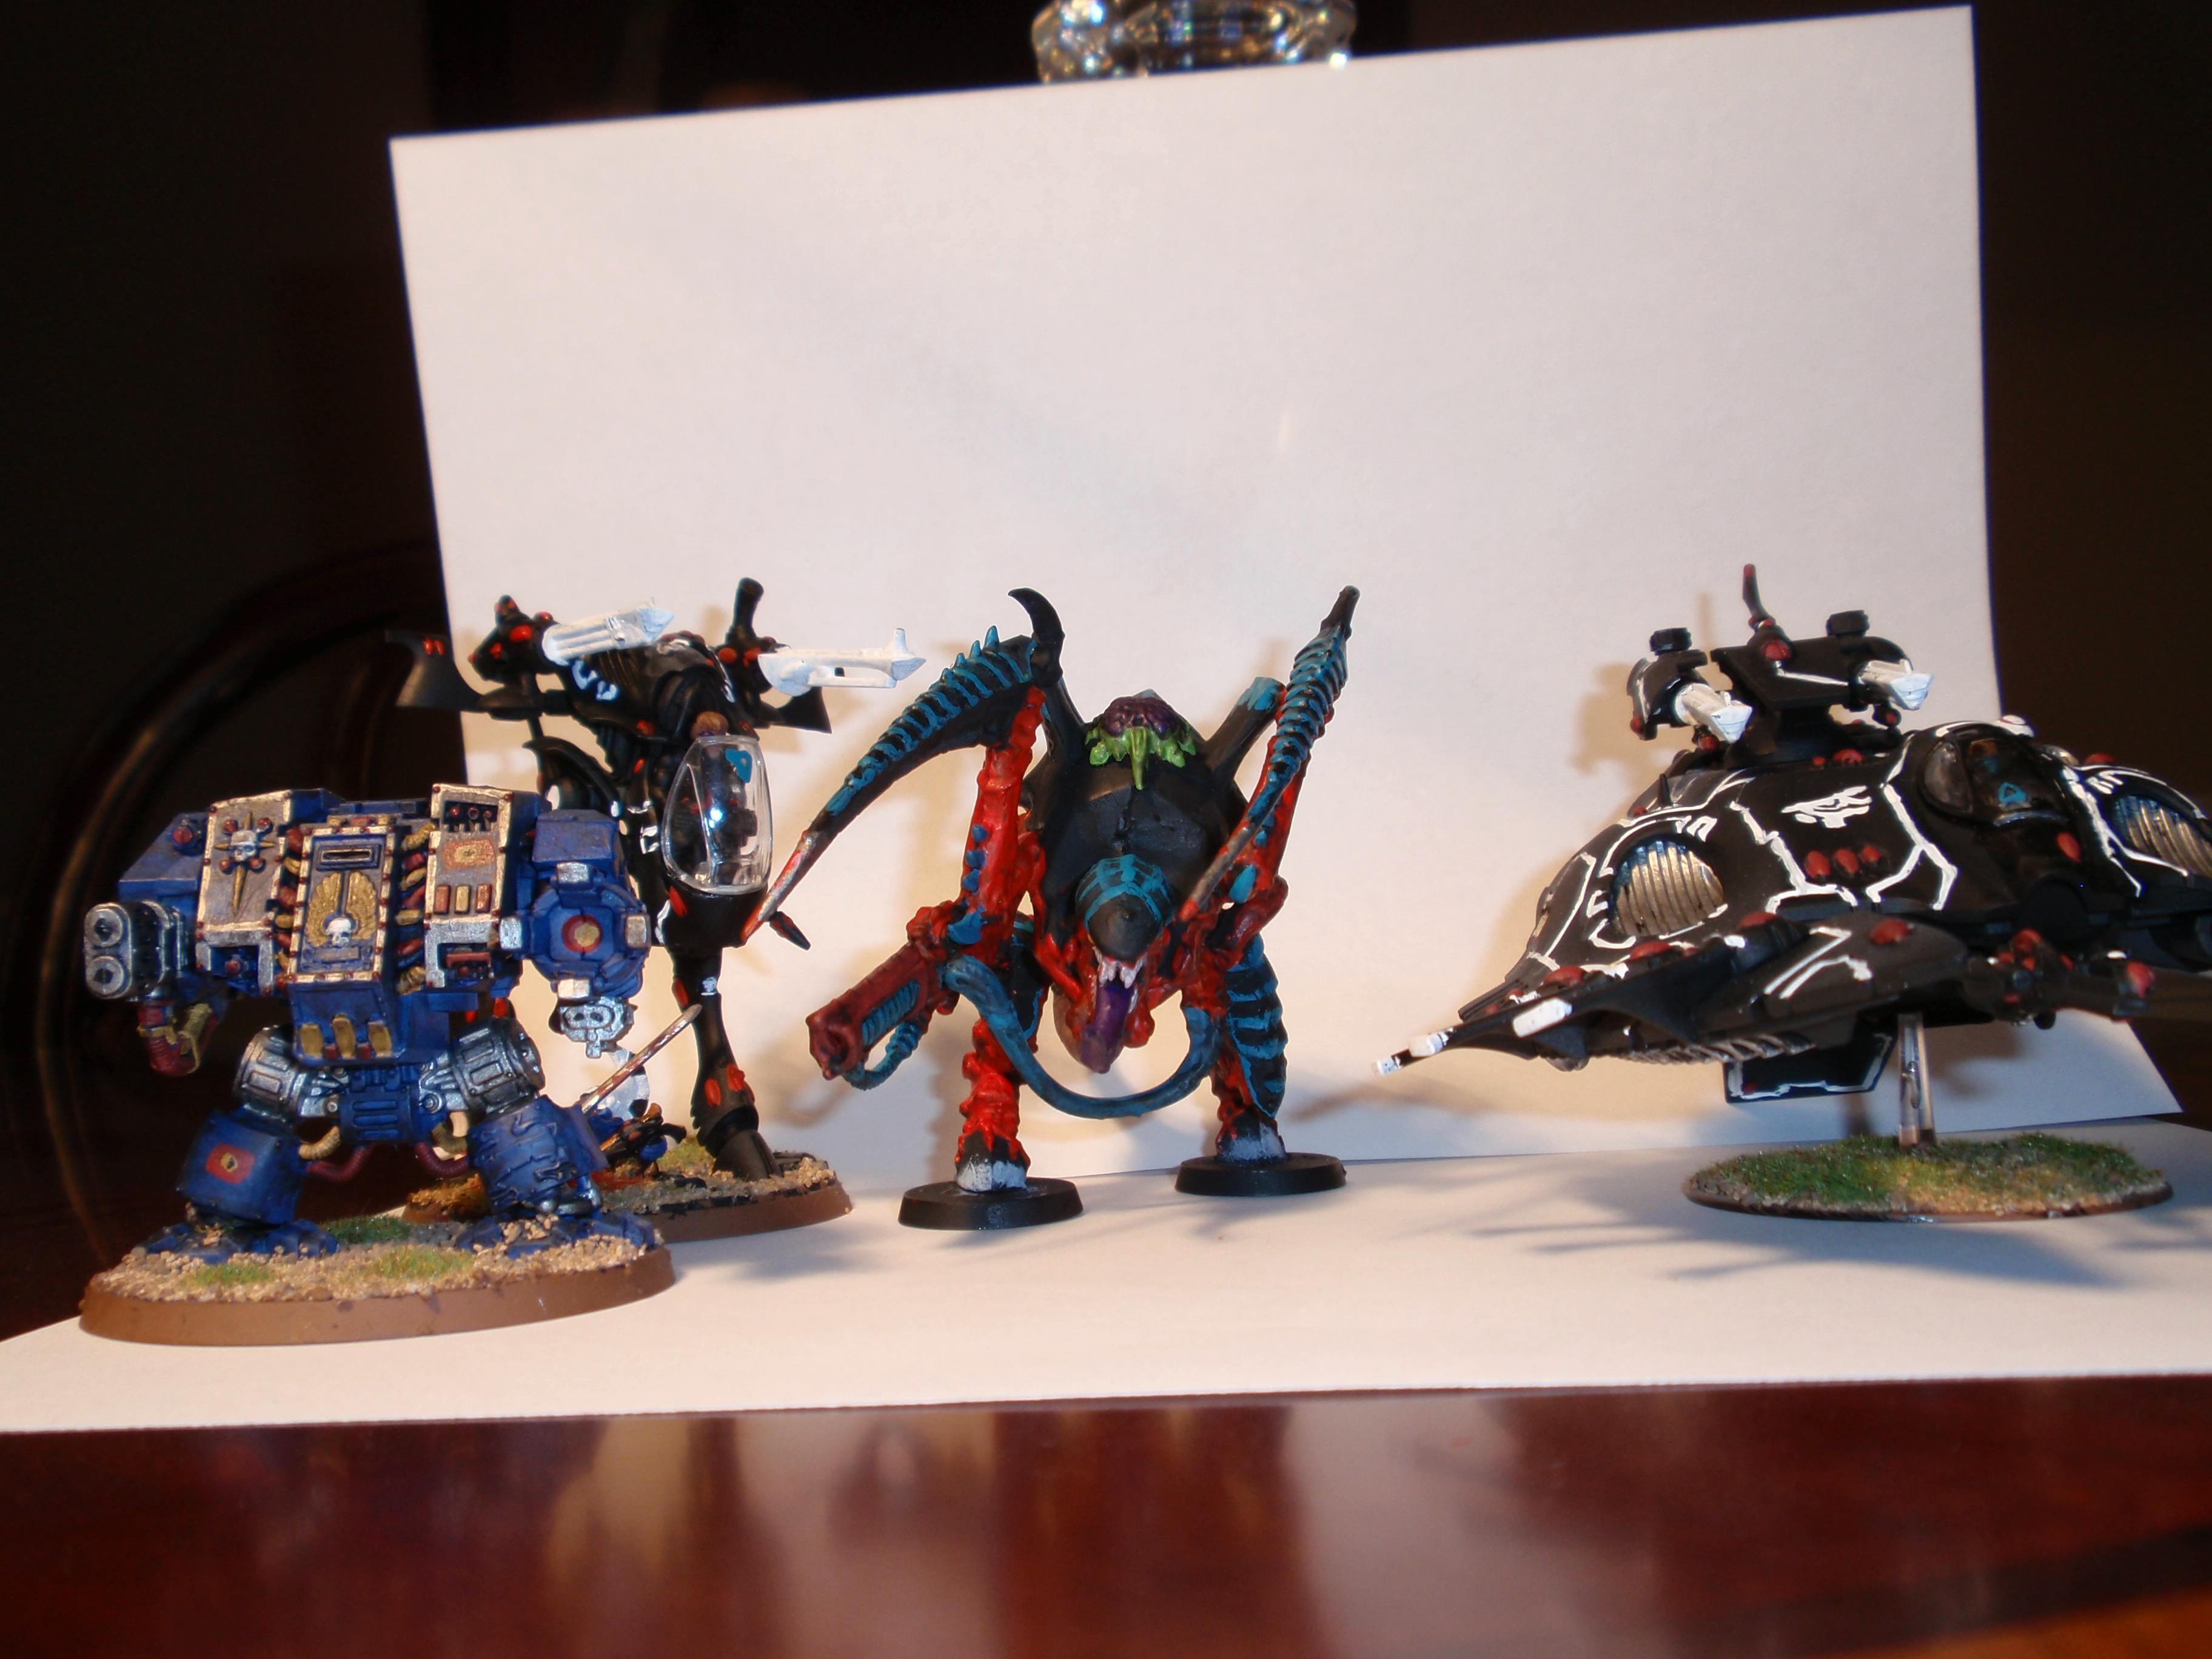 Carnifex, Dreadnought, War Walker, Wave Serpent